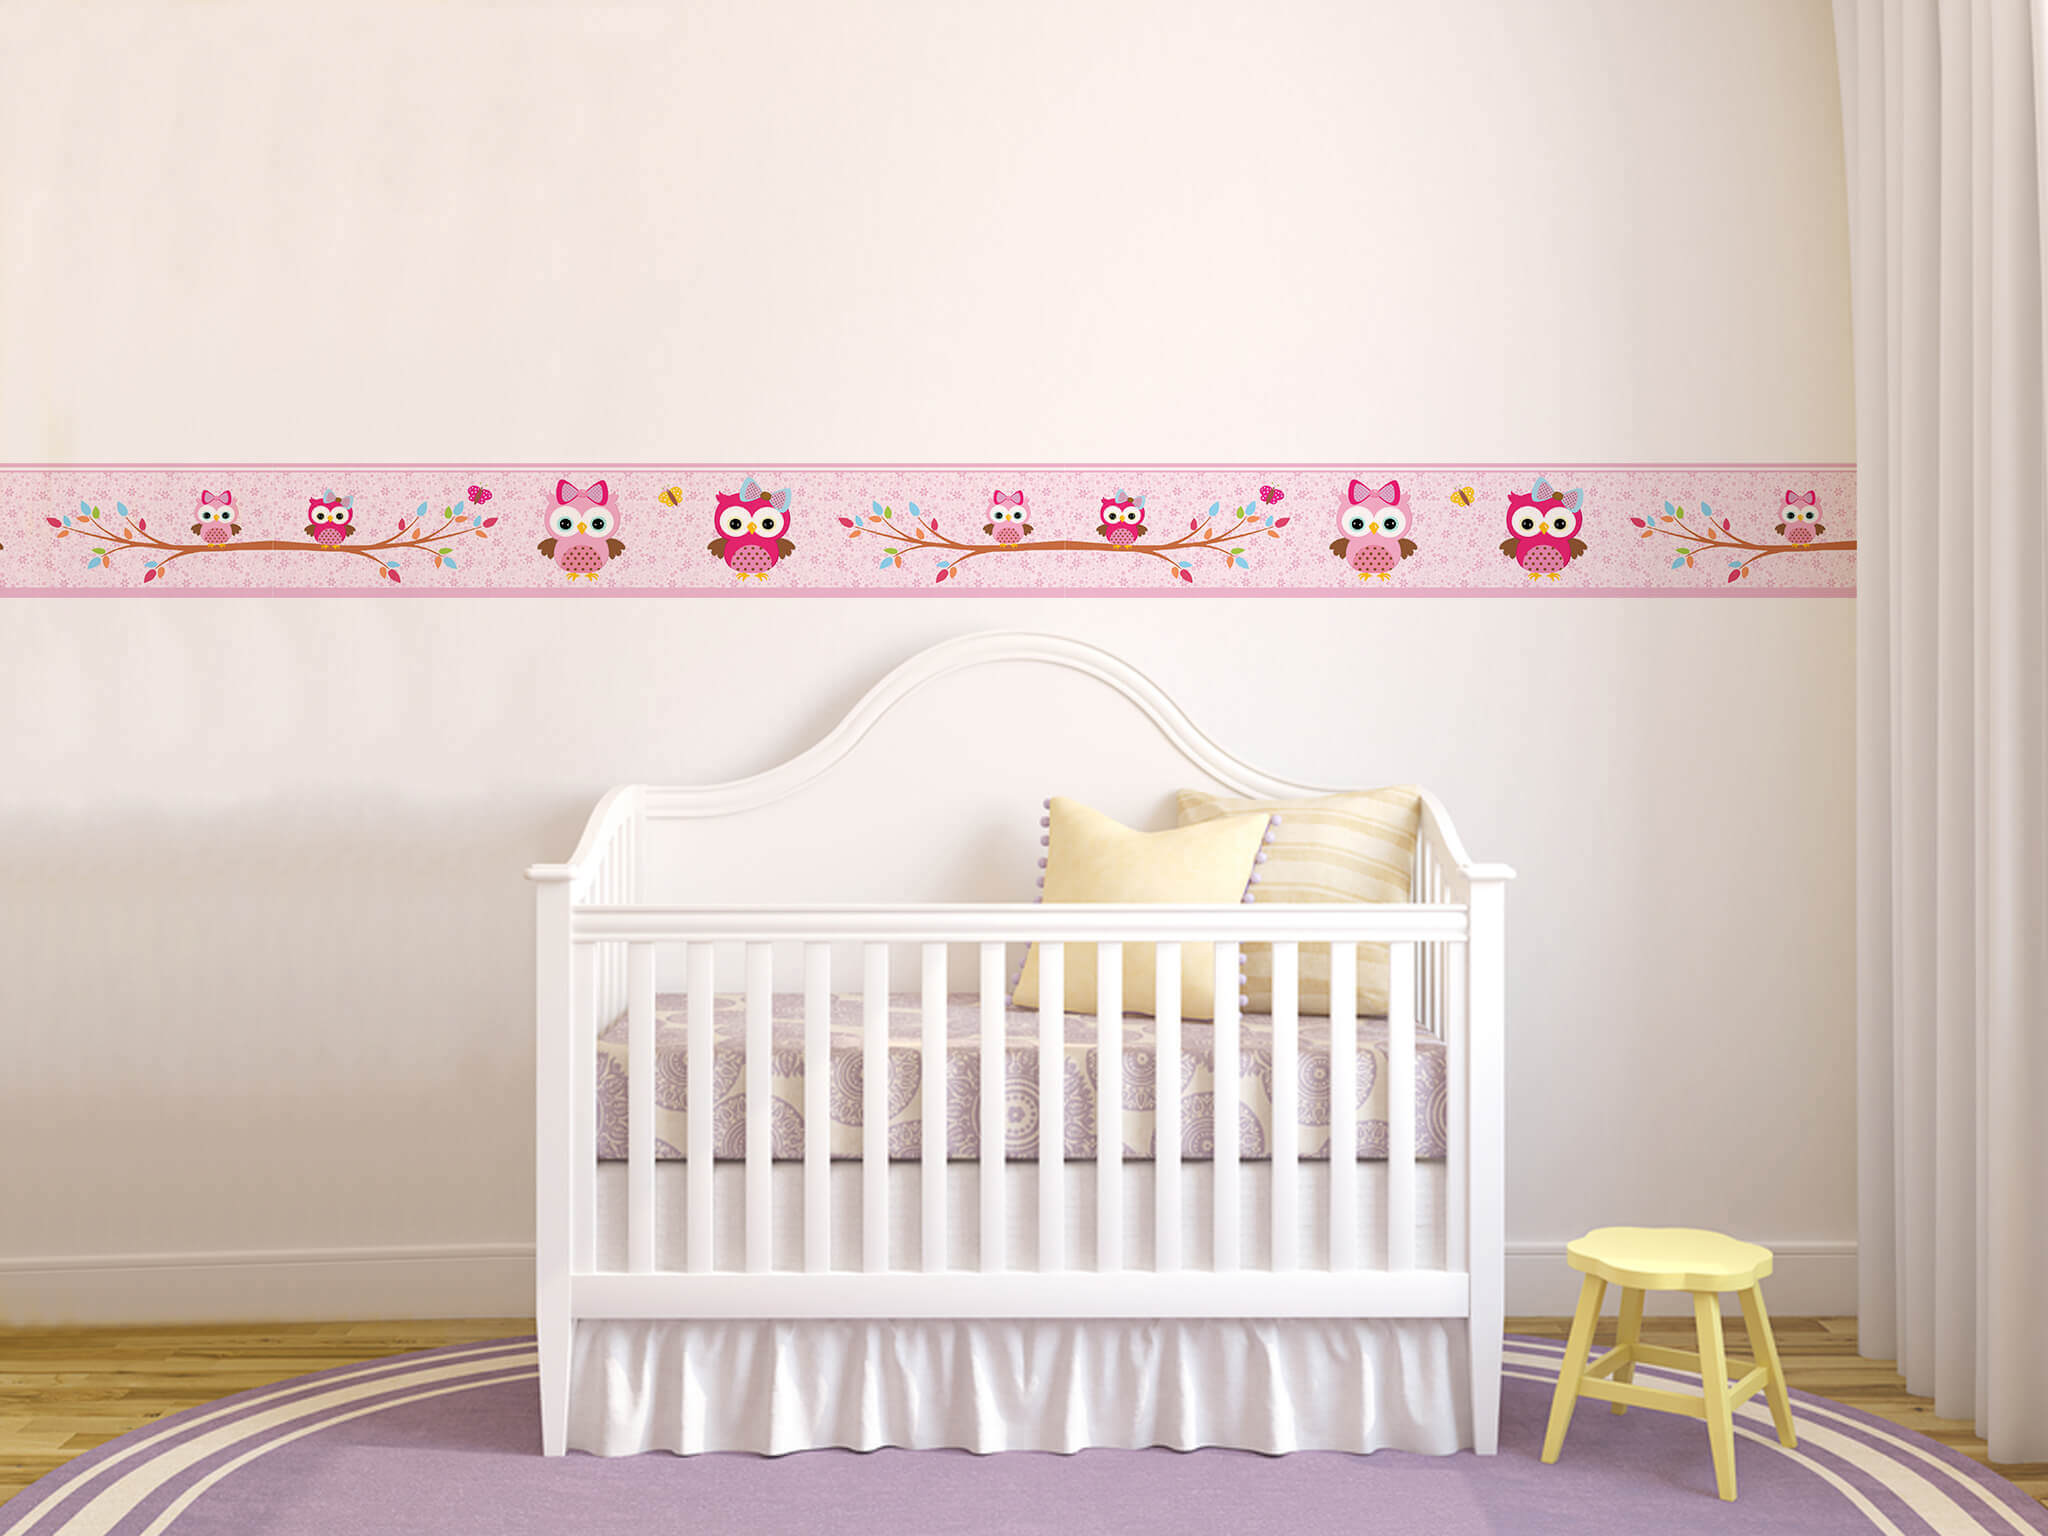 Adesivos no quarto do bebê: ideias originais para a decoração